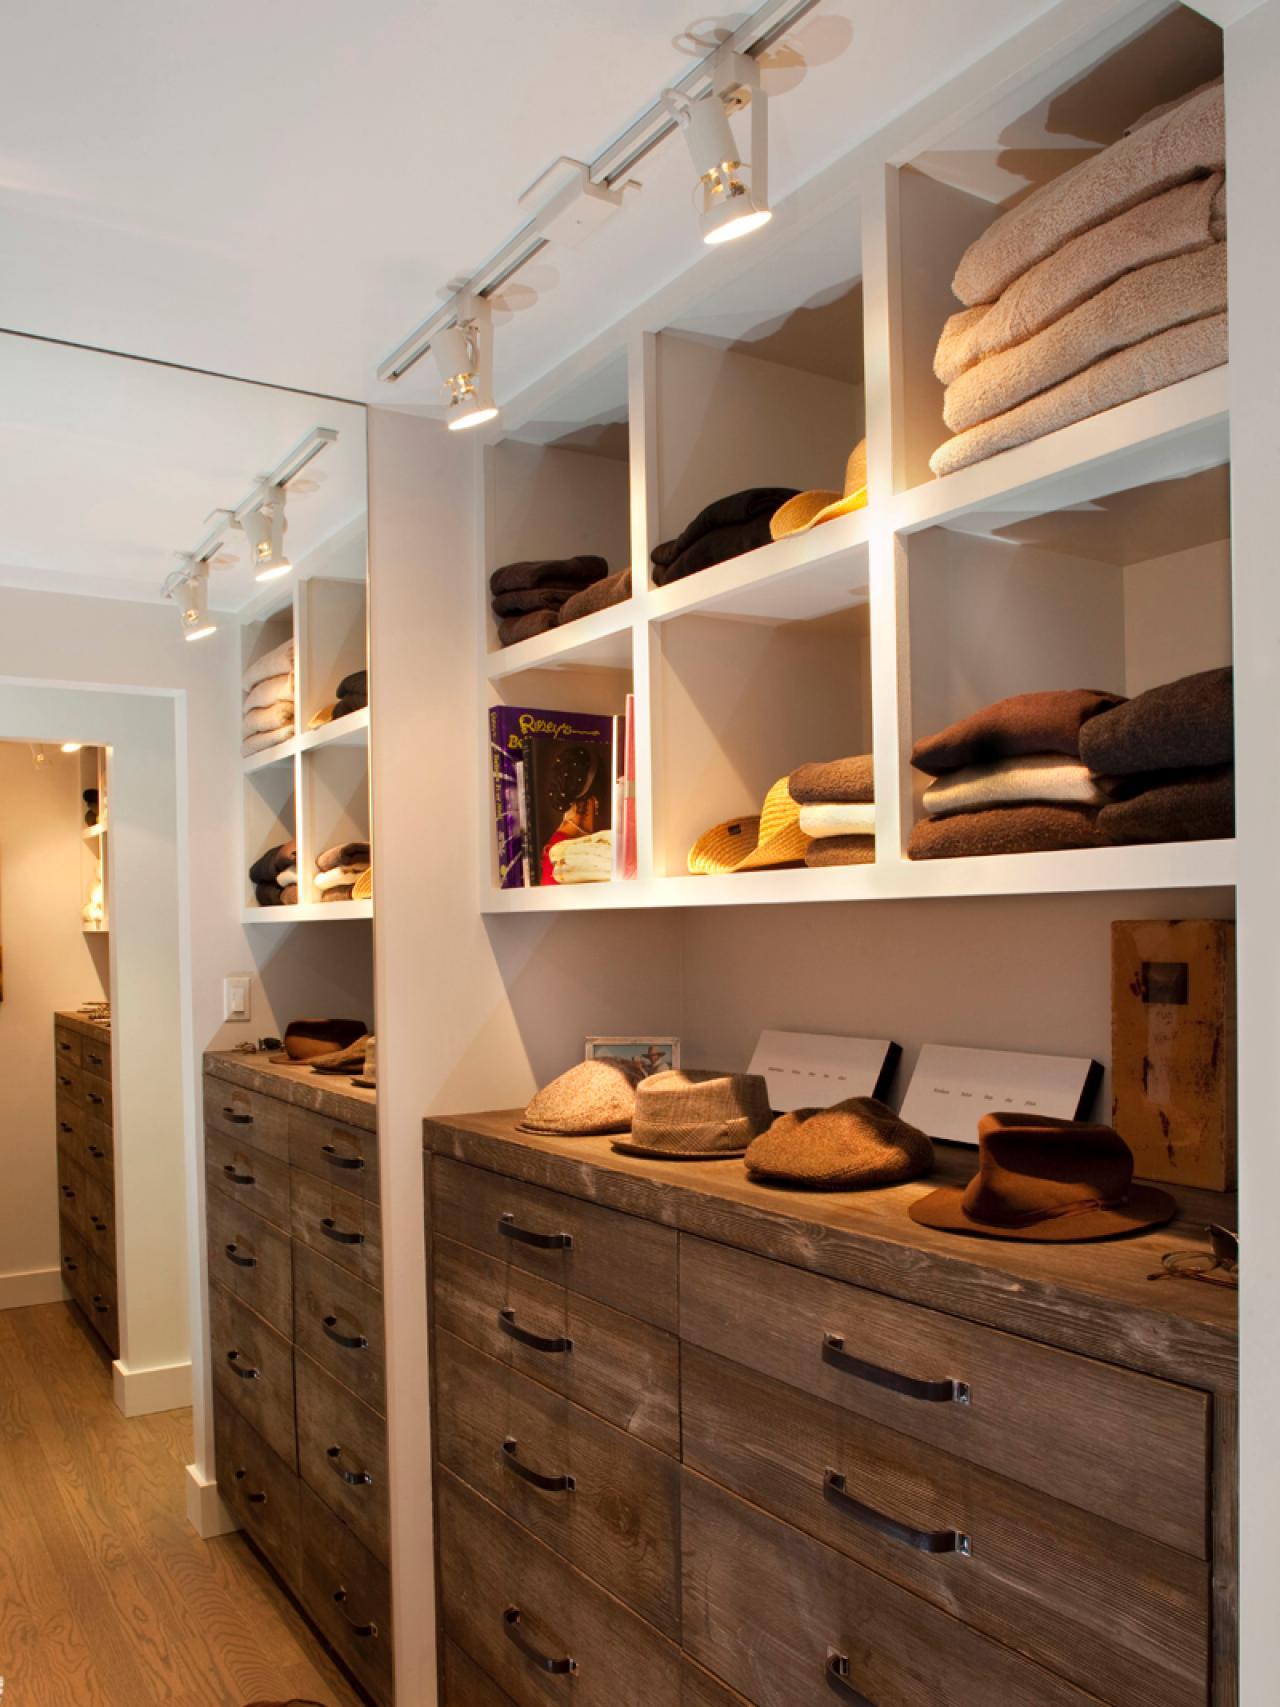 hall-placard-organisation-et-design-idées-maison-remodelage-couche-en-éclairage_coffret-à-l'intérieur-design_interior-design_scandinavian-design-d'intérieur-designer-description-du-travail-magazine-célèbre-designers-degré